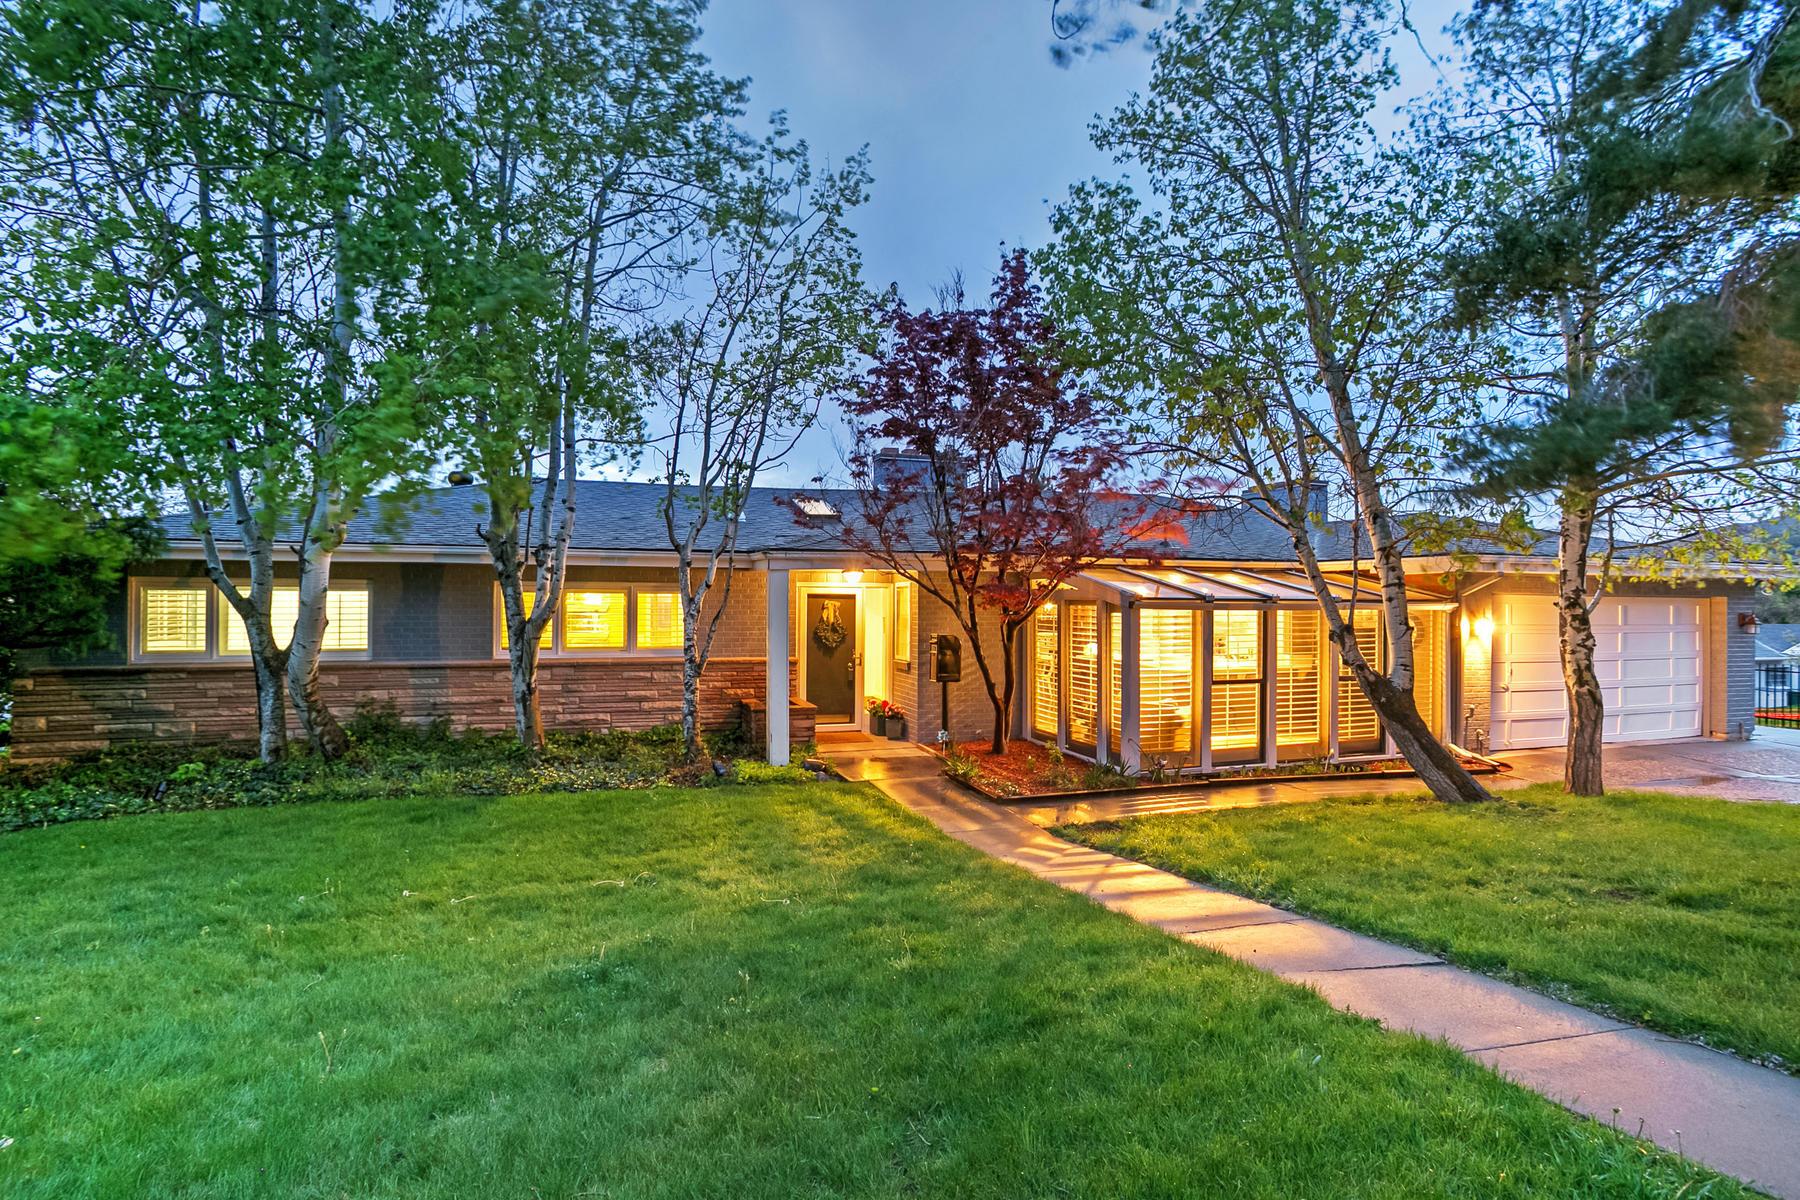 Частный односемейный дом для того Продажа на Rare Opportunity in the Heart of St. Mary's 1098 S Augusta Way Salt Lake City, Юта, 84108 Соединенные Штаты